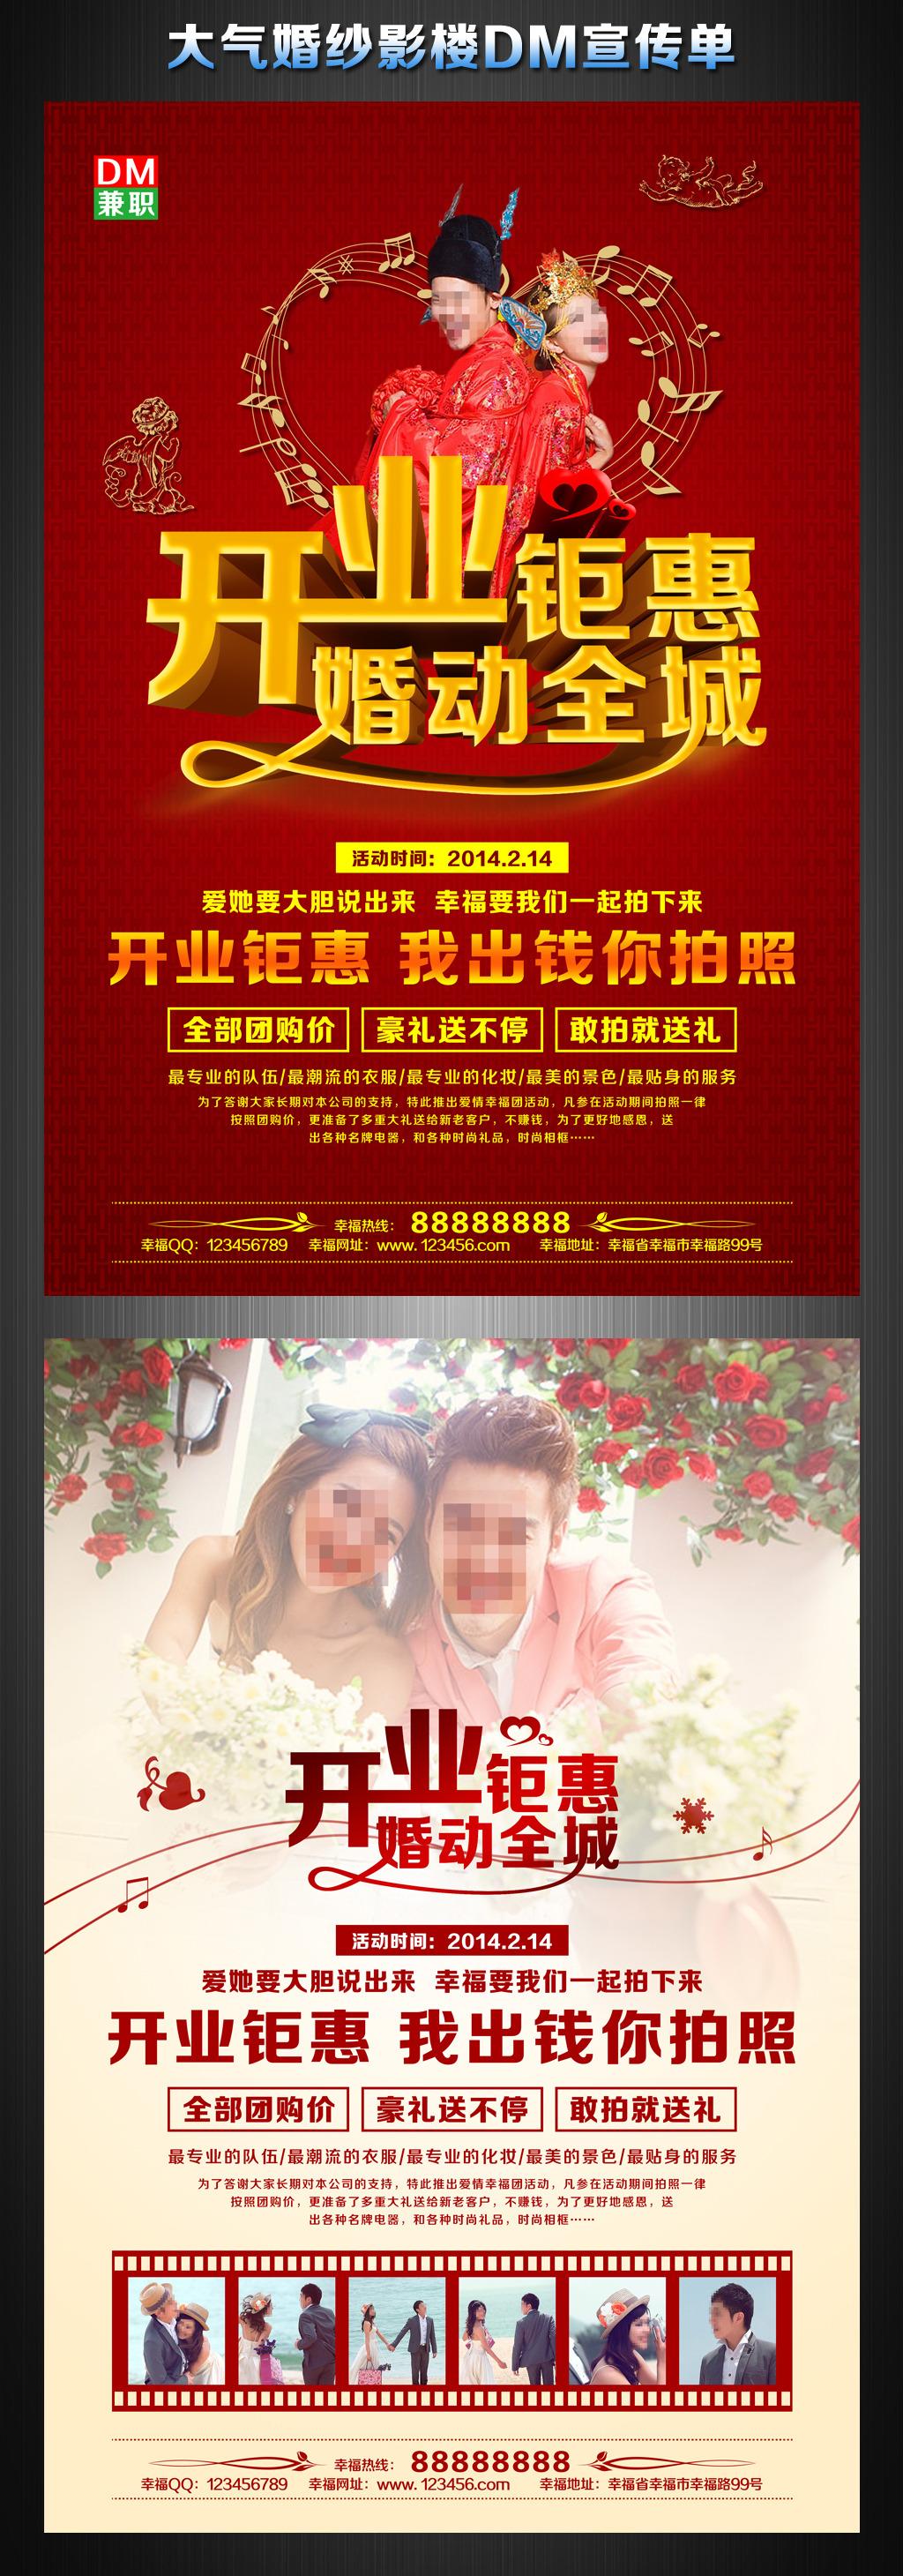 婚纱影楼宣传海报模板下载(图片编号:11886136)_婚纱